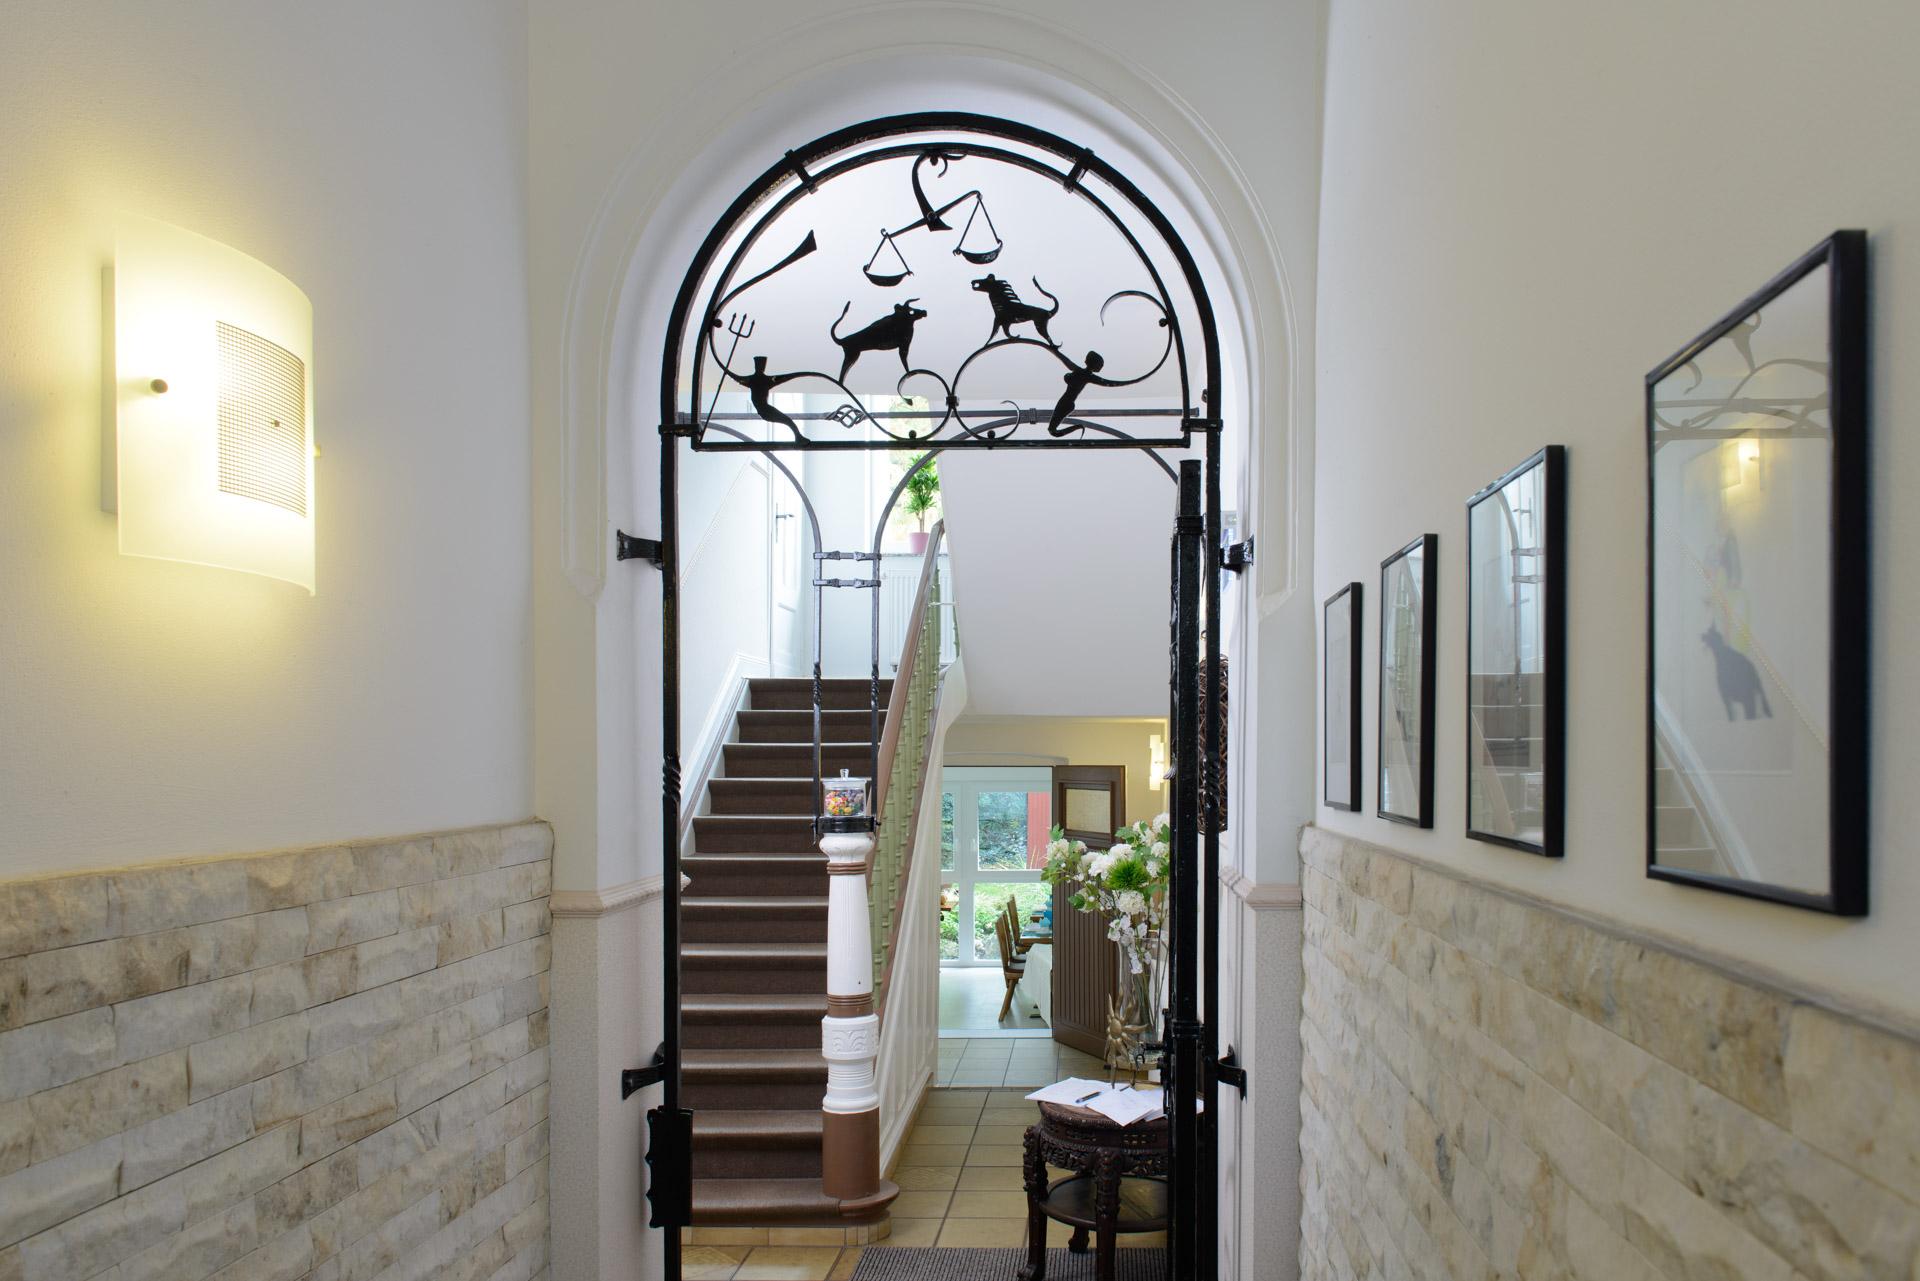 Der Eingangsbereich unseres Hotels in Oberhausen